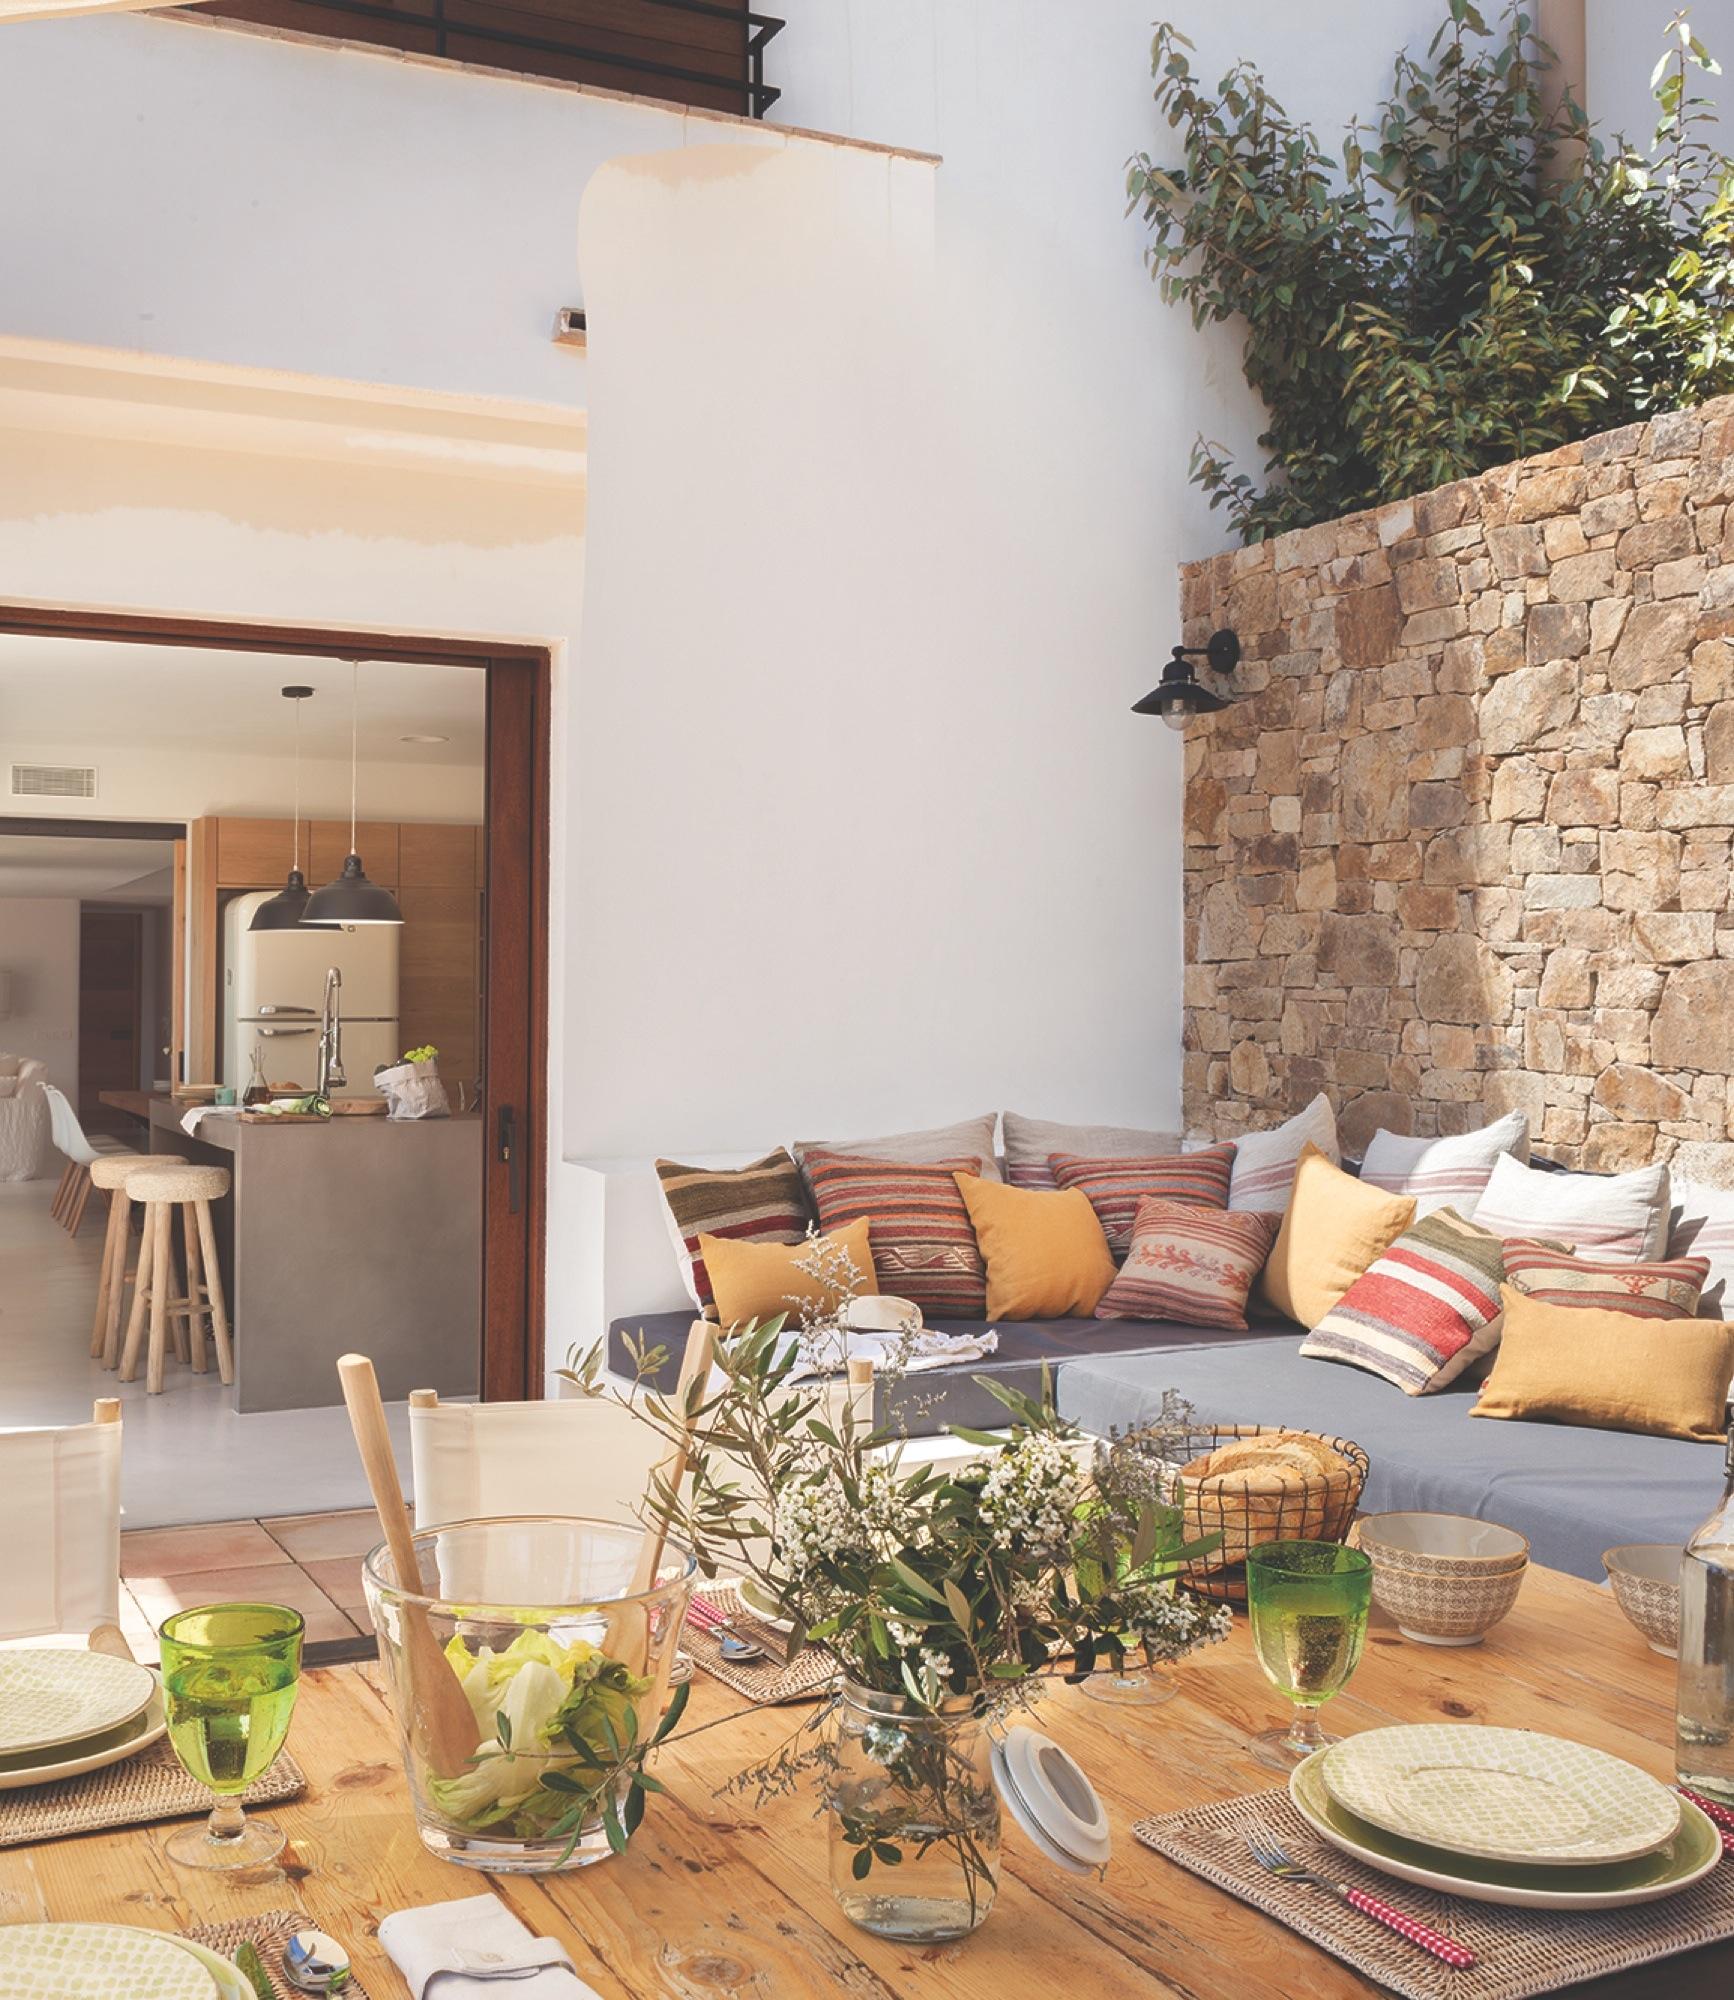 Casa de vacaciones con estilo ibicenco playero y toques de for Sofa exterior de obra